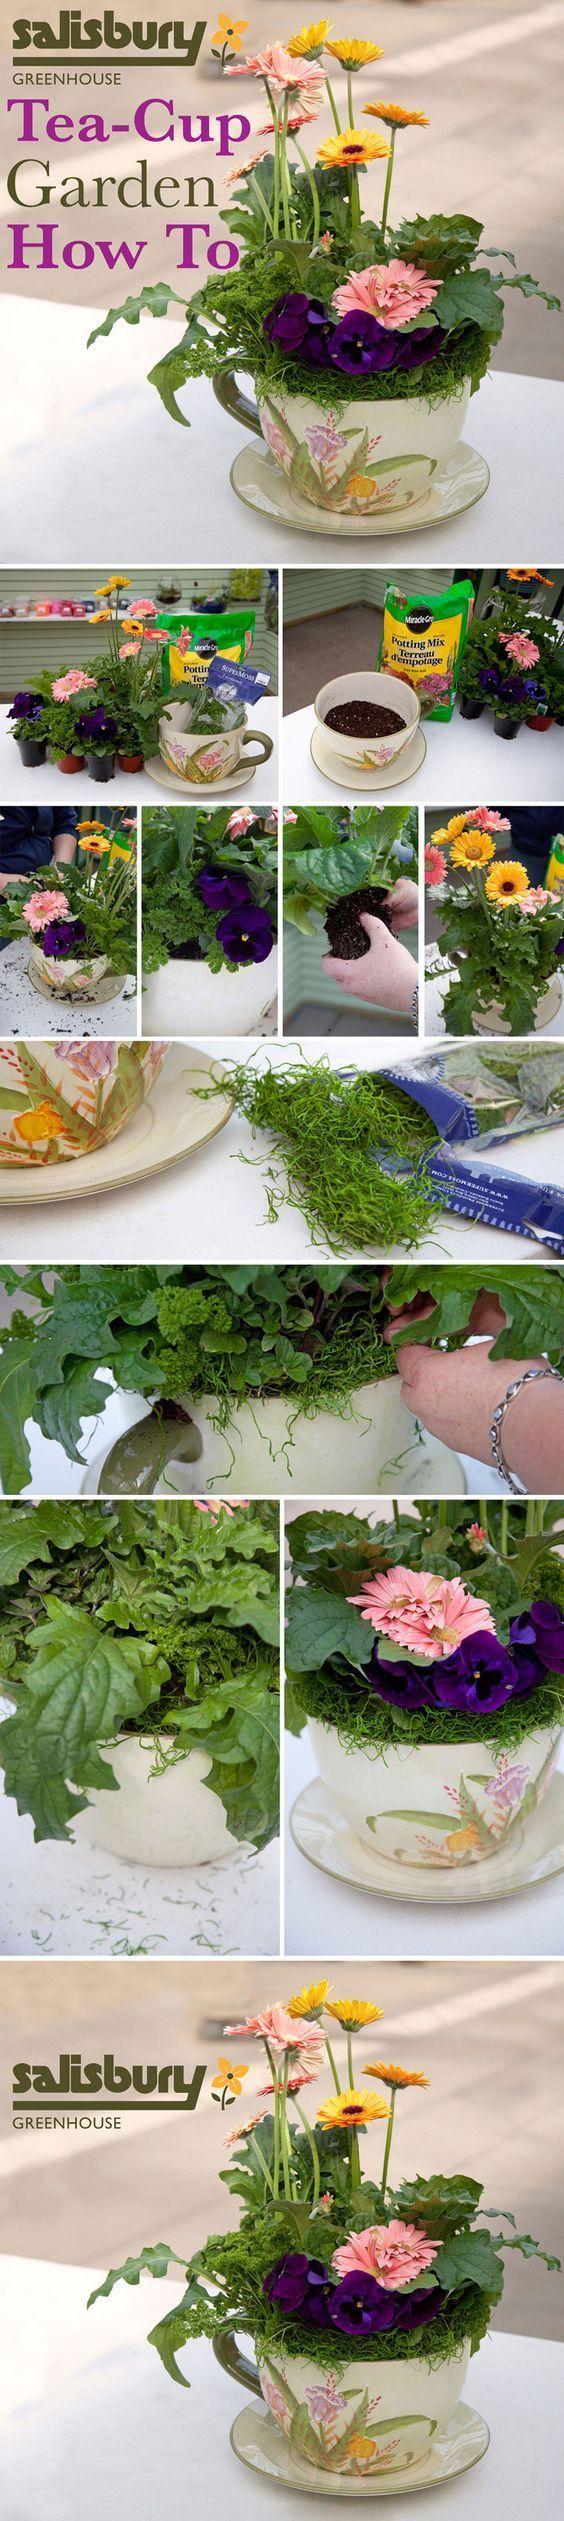 Build Your Own Tea-Cup Garden